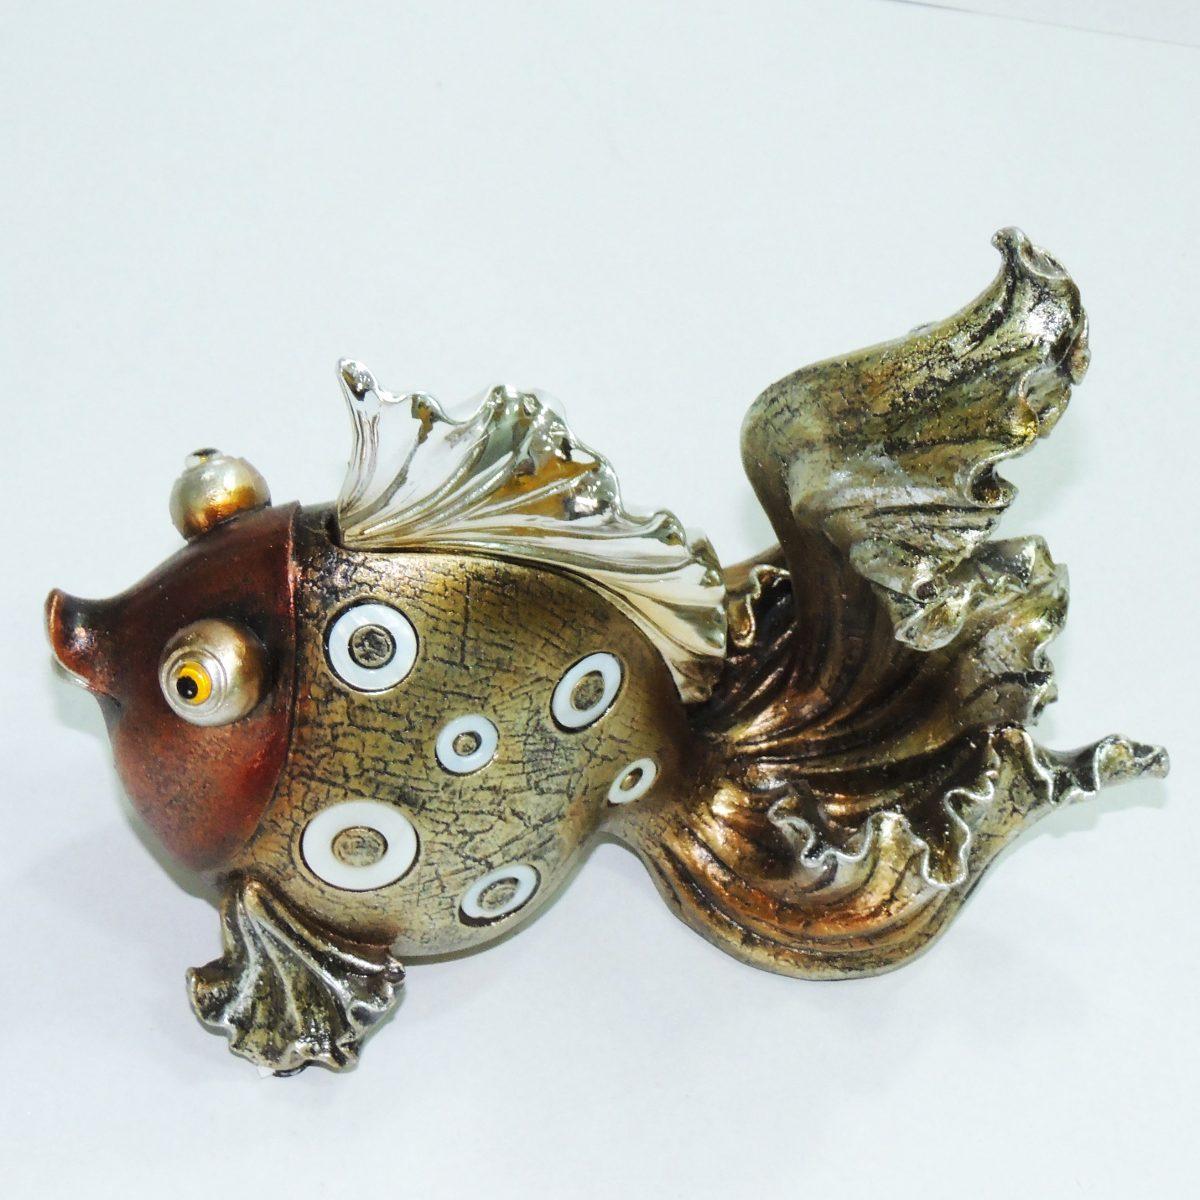 Enfeite De Resina ~ Peixe Decorativo Resina Enfeite Sala Vaso Estatueta Estátua R$ 78,00 em Mercado Livre